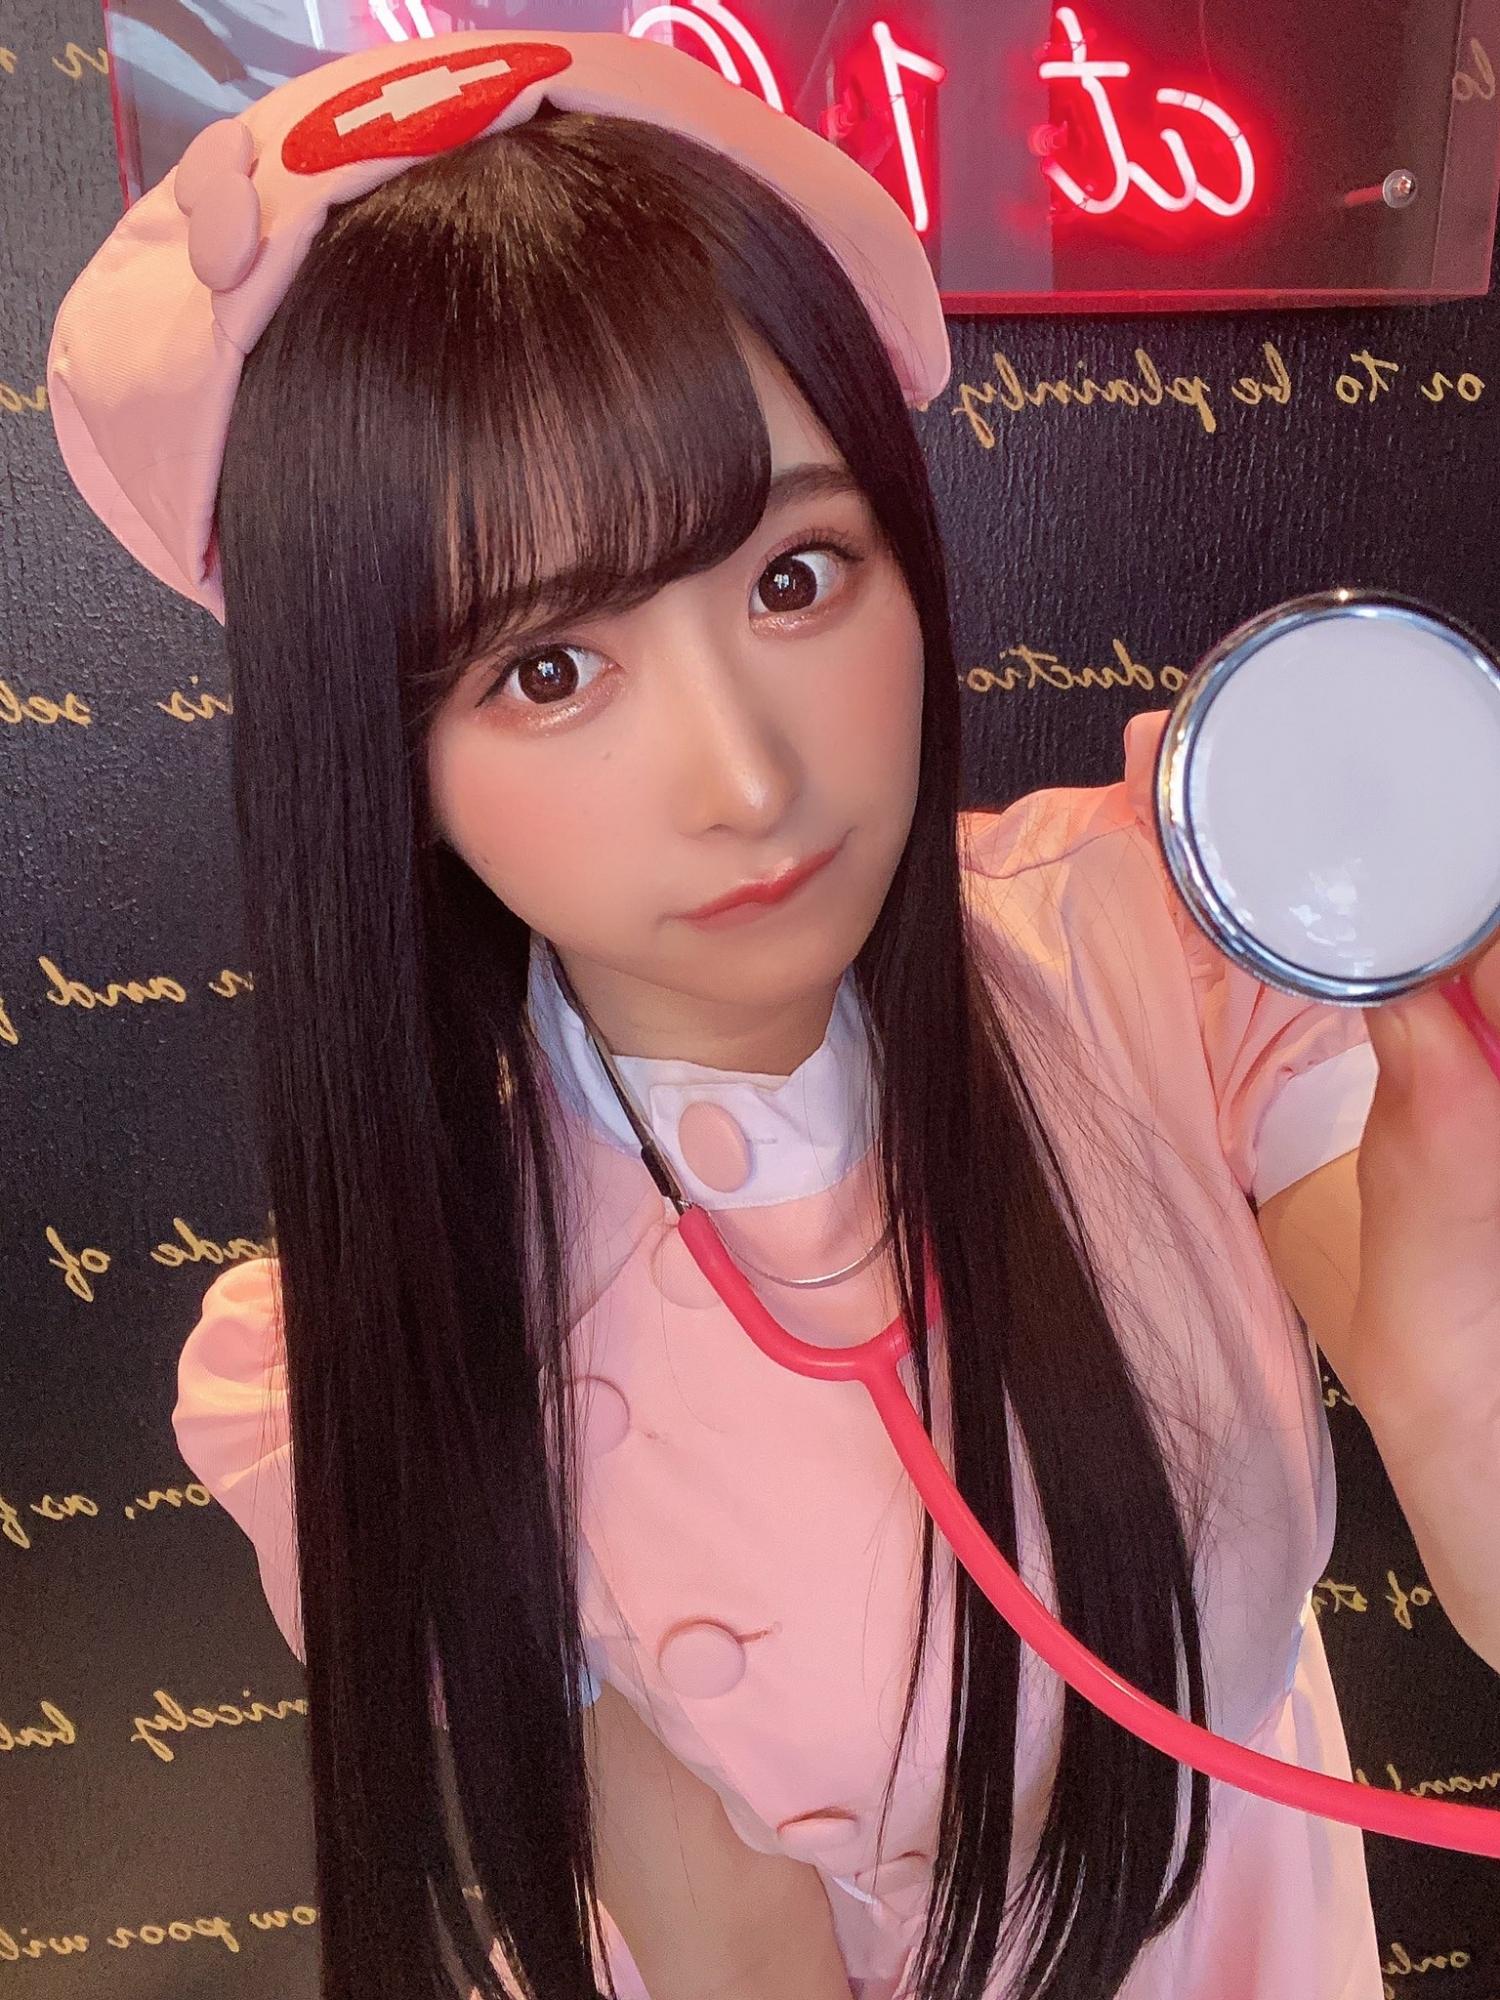 日本娃娃系美女真岛娜欧米诱惑猛攻 福利吧 热图2